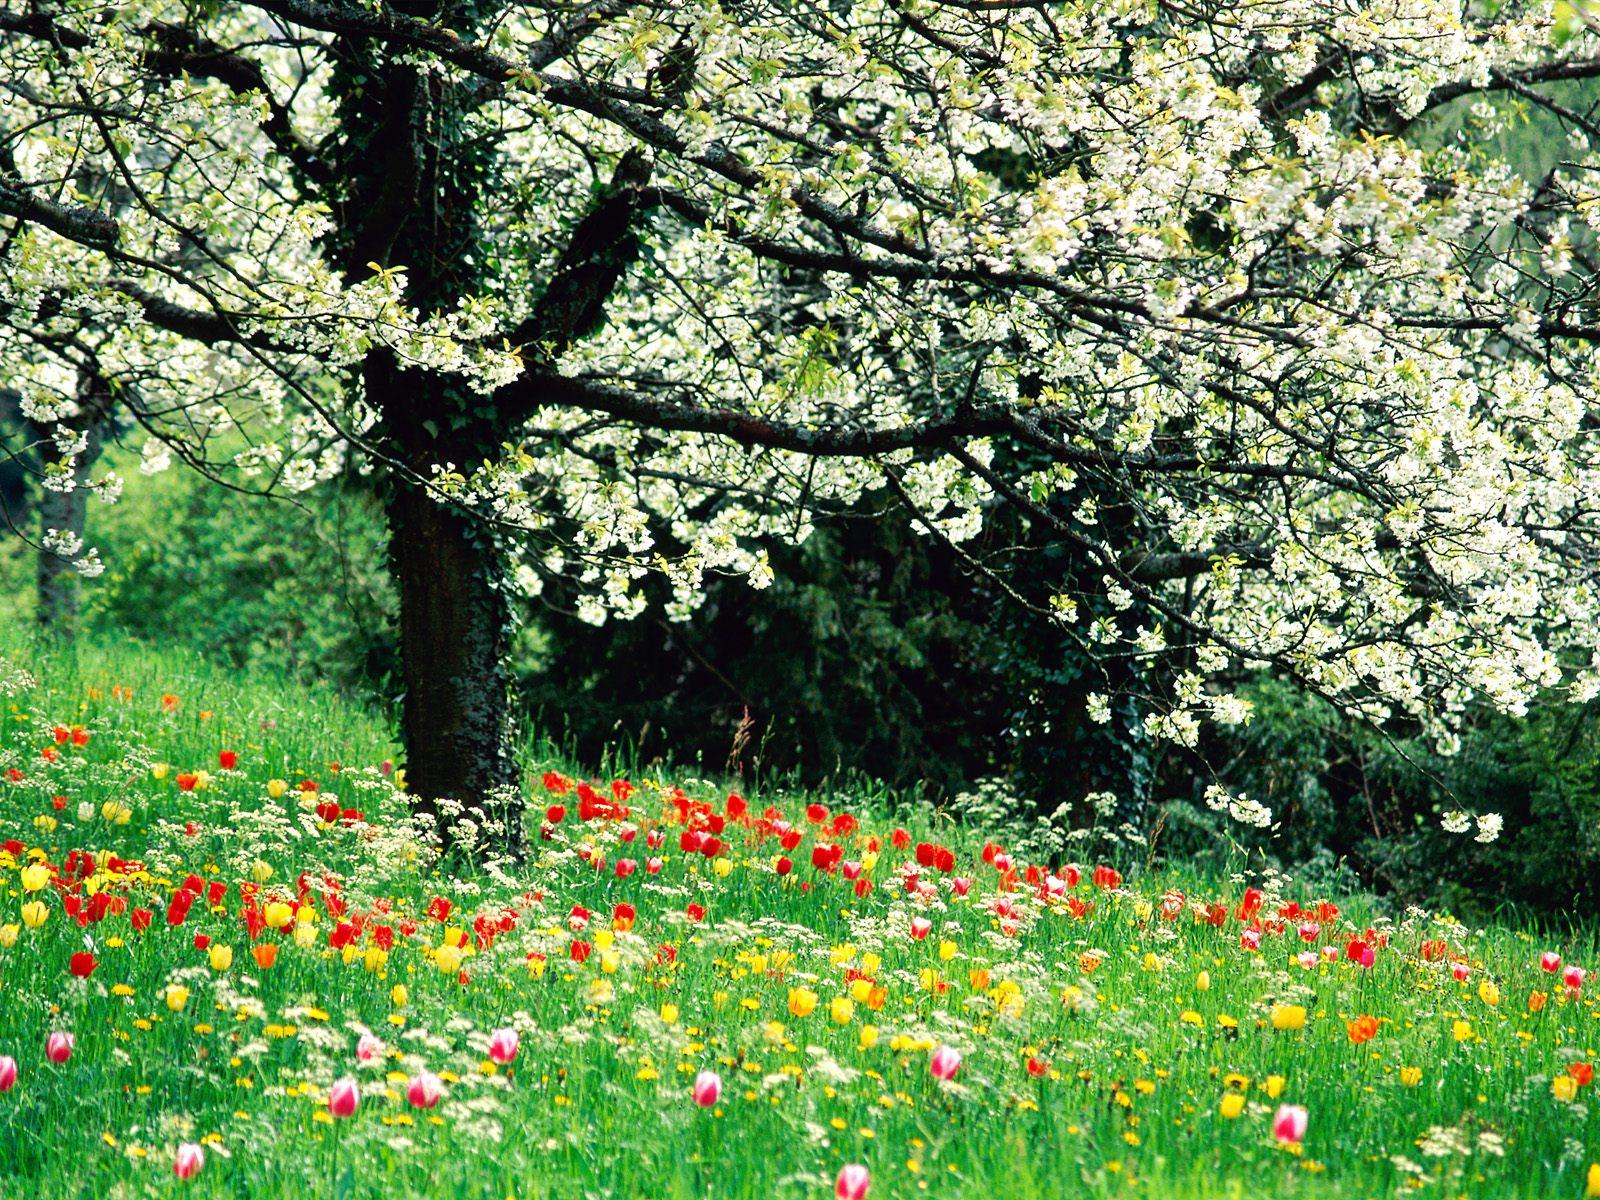 lente achtergronden hd - photo #29